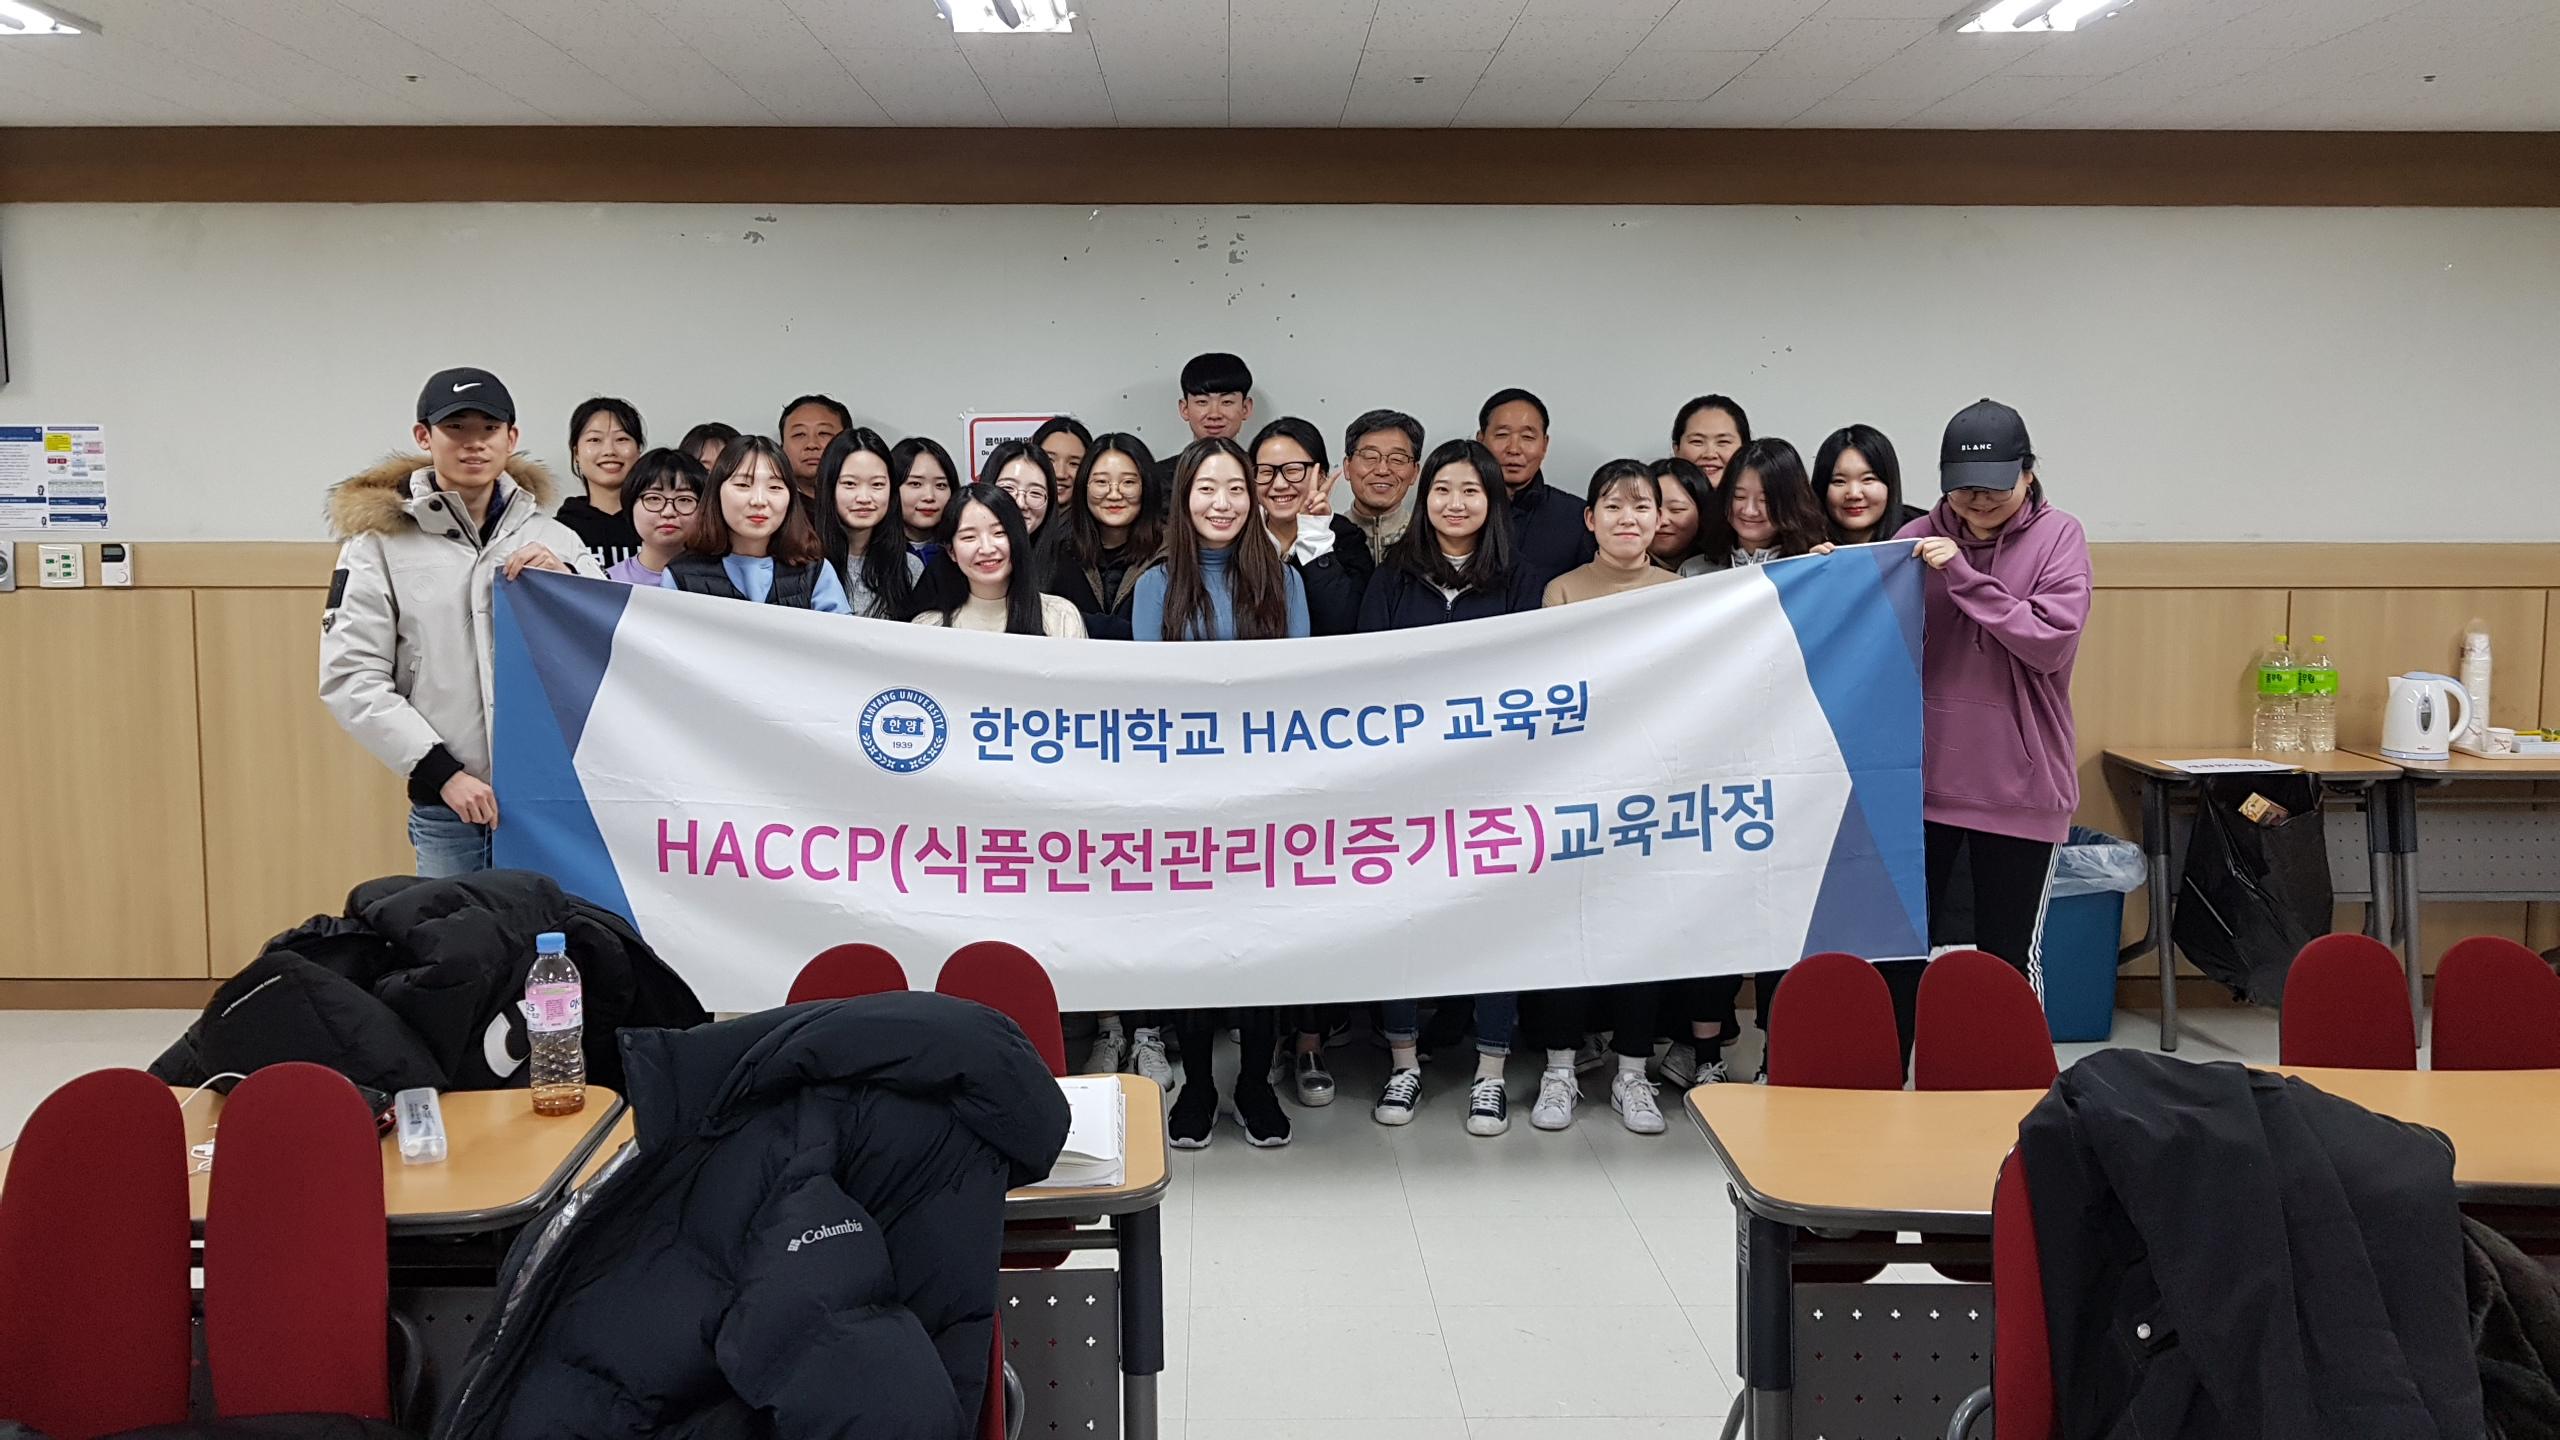 2019년 2월 HACCP팀장과정 교육